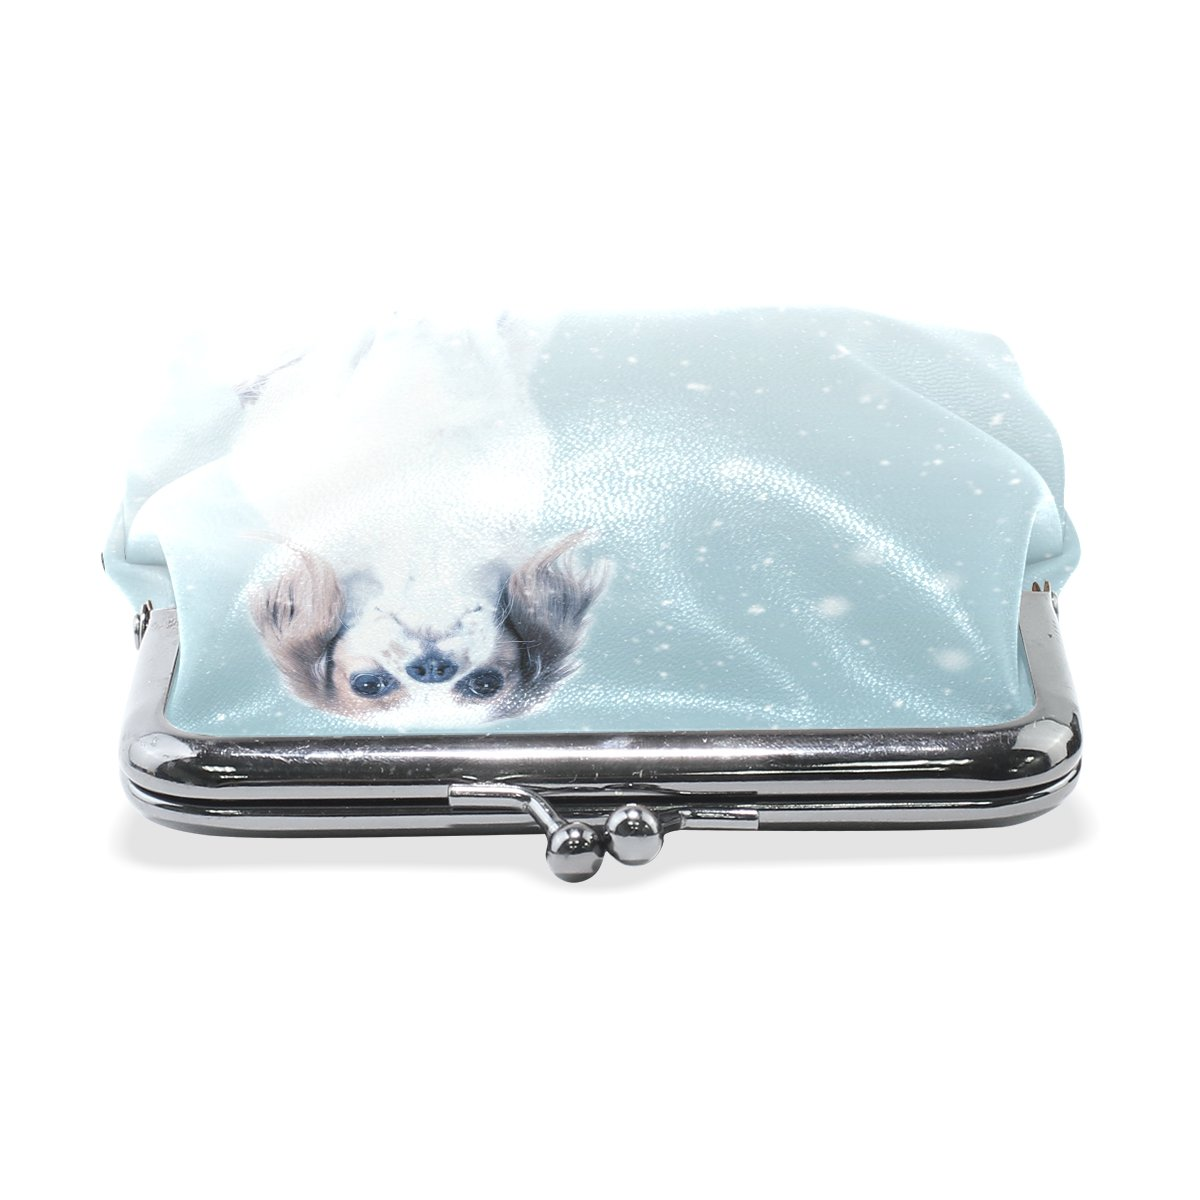 Coin Purse Art Nature Animal Wallet Buckle Clutch Handbag For Women Girls Gift